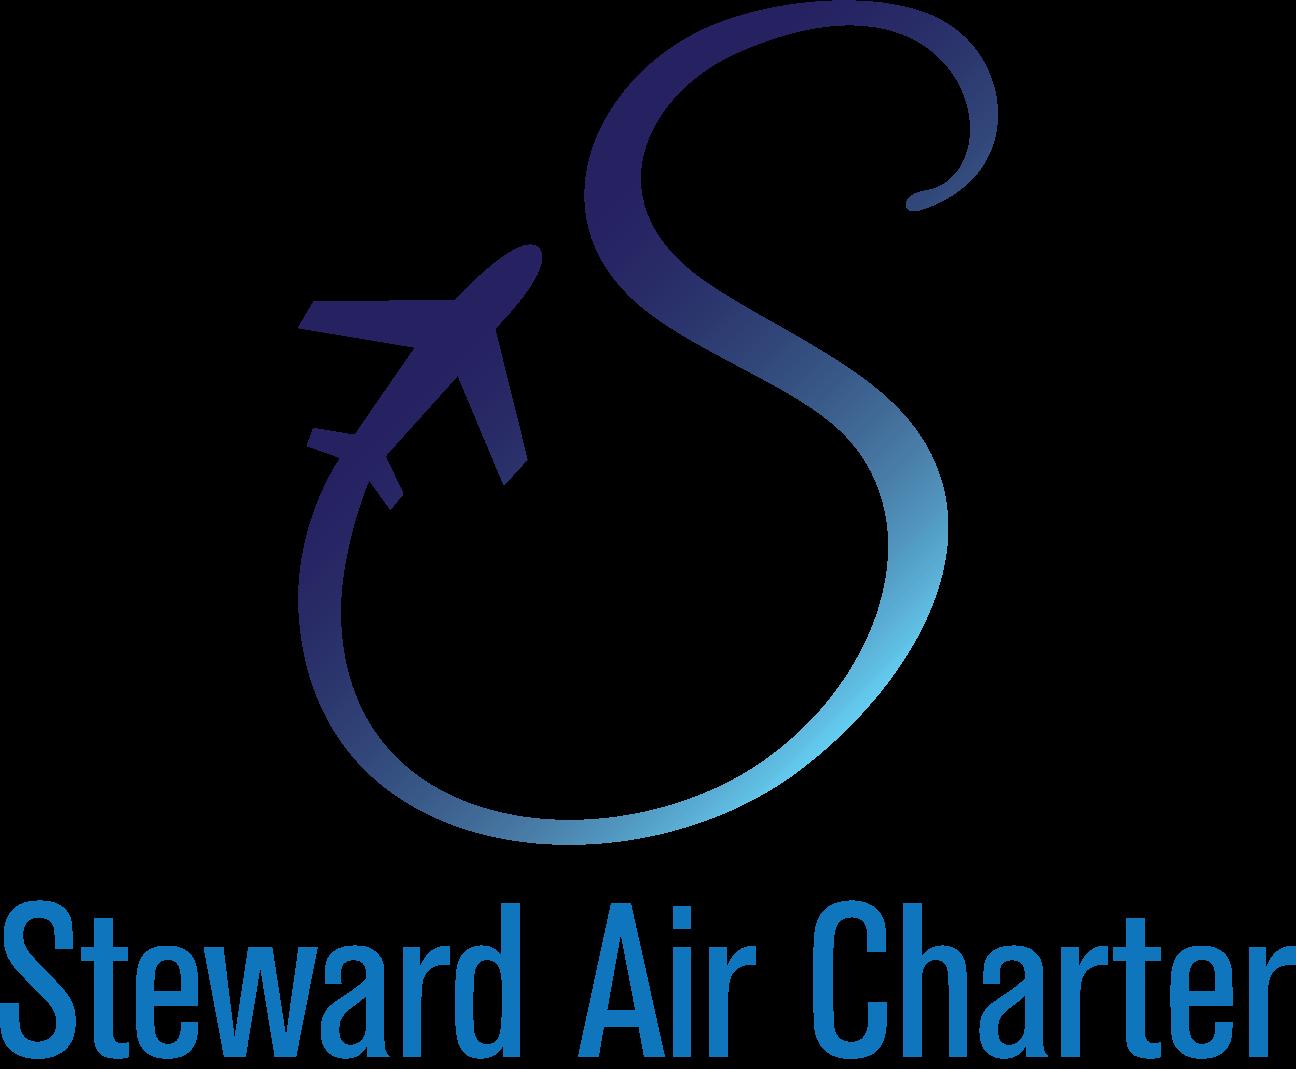 Steward Air Charter